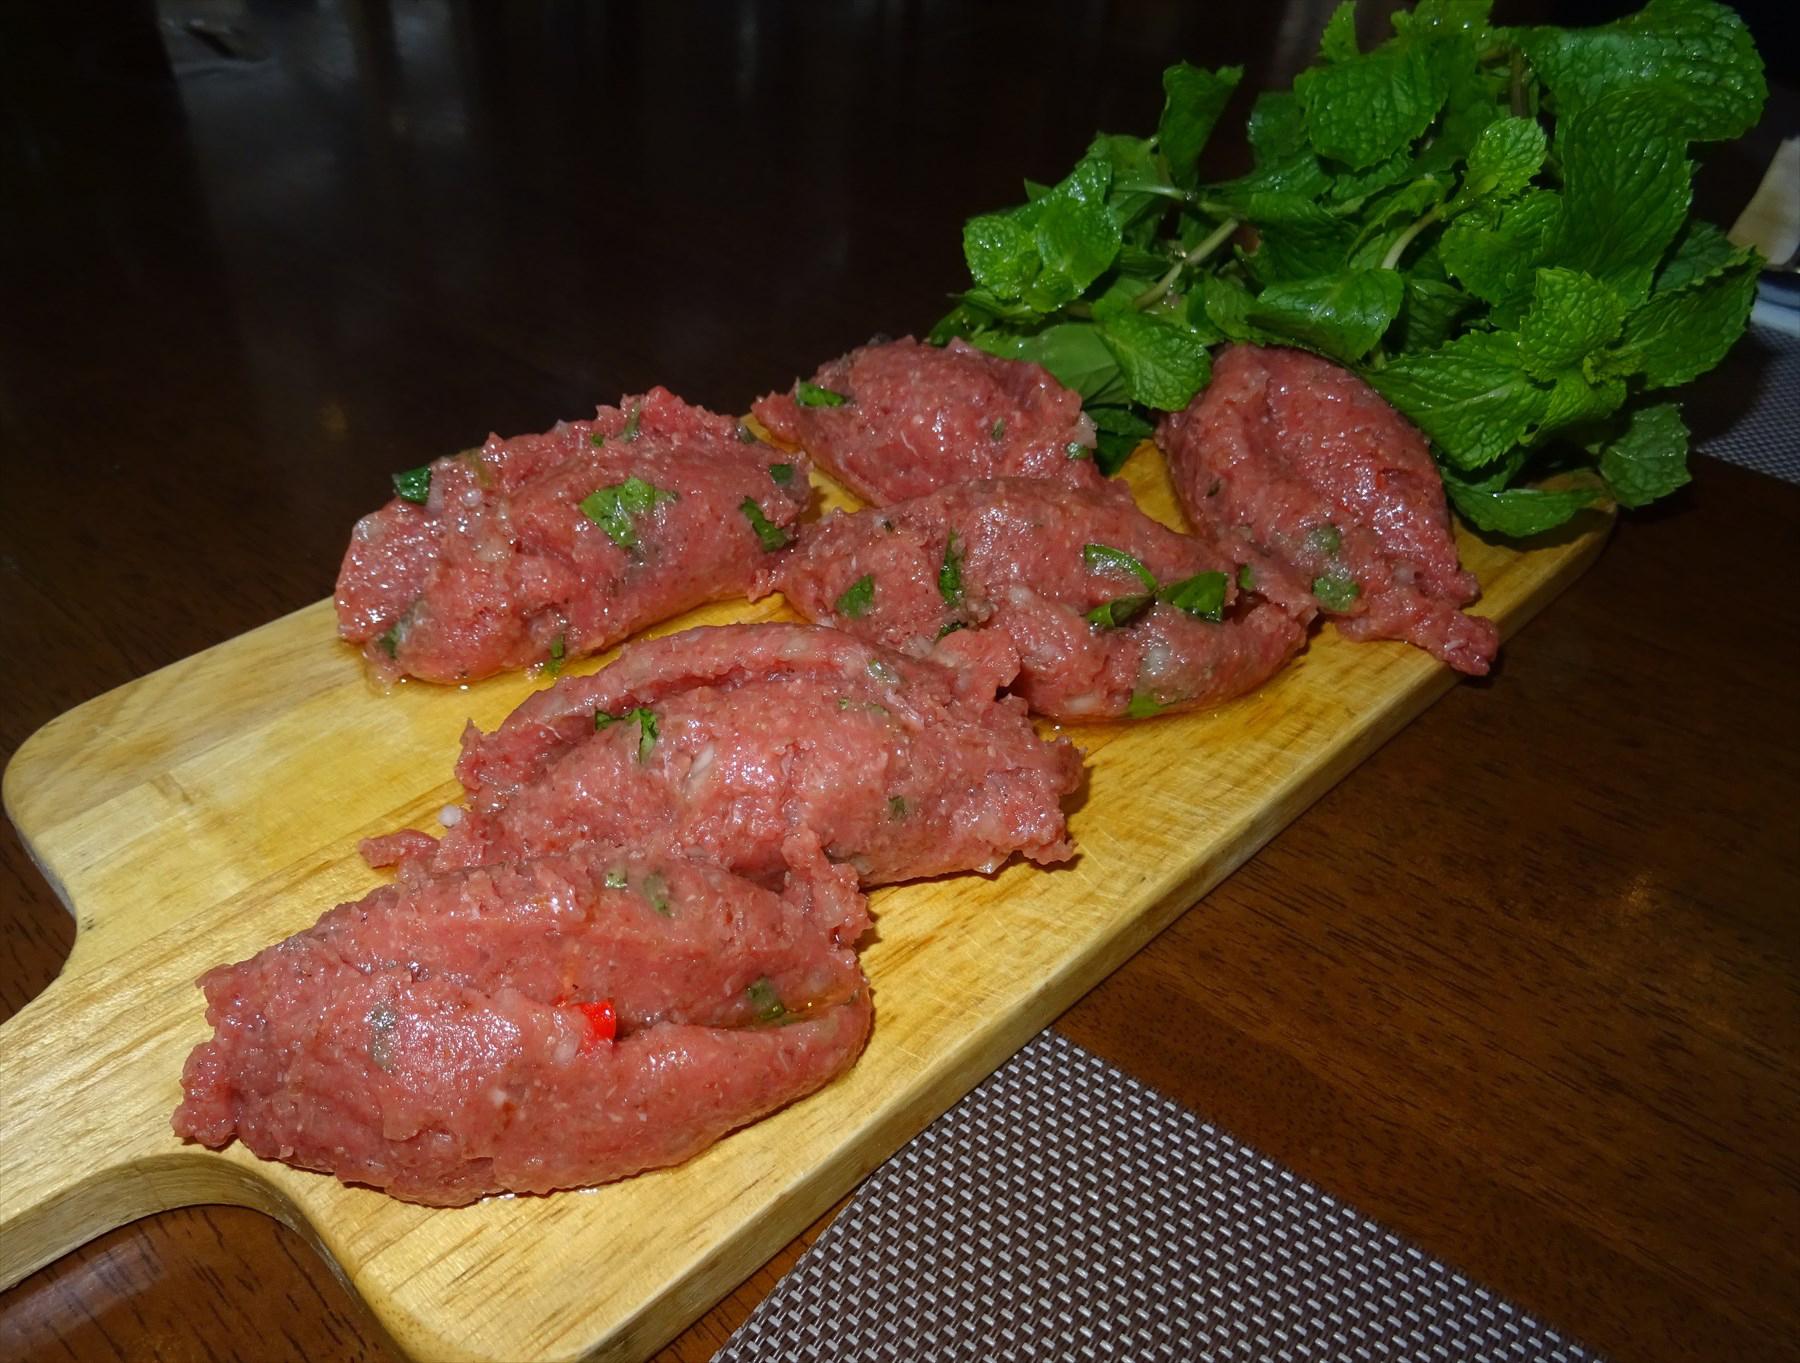 バンコクでは他国の生肉料理も食べられる。これはレバノン料理店「ナディモス」のクッベ・ナーイエ(ラム肉)